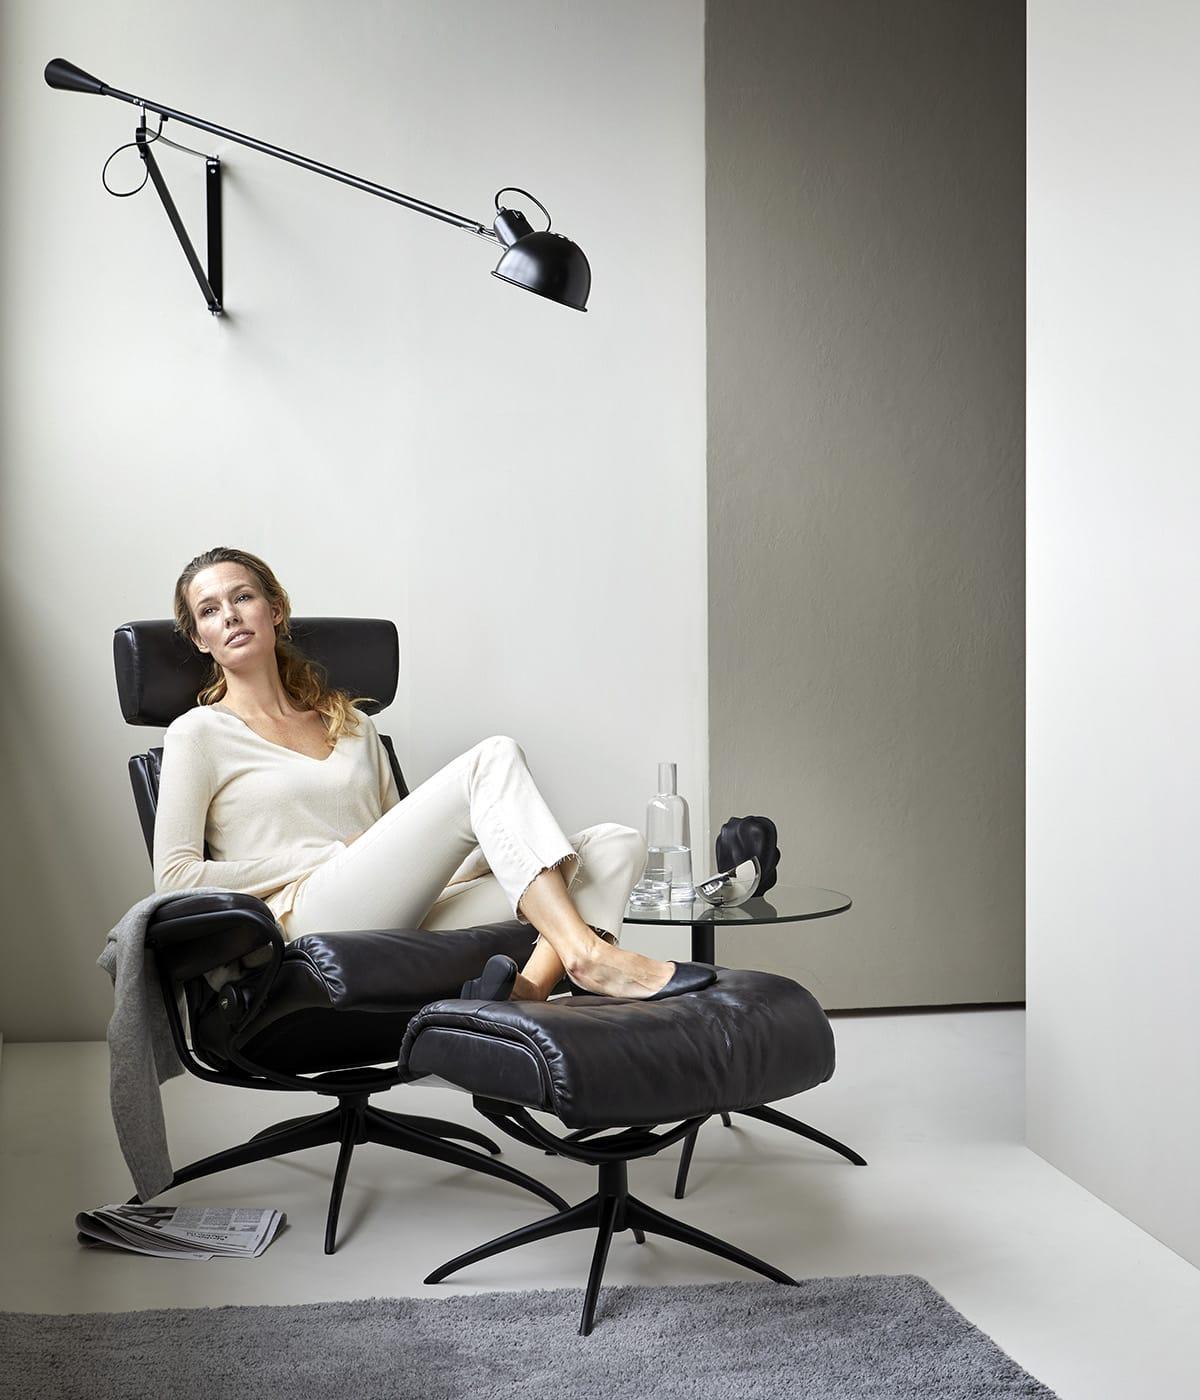 Nachhaltige Materialien in erstklassiger Qualität spielen für norwegisches Design wie dem Relaxsessel Stressless Tokyo eine zentrale Rolle.